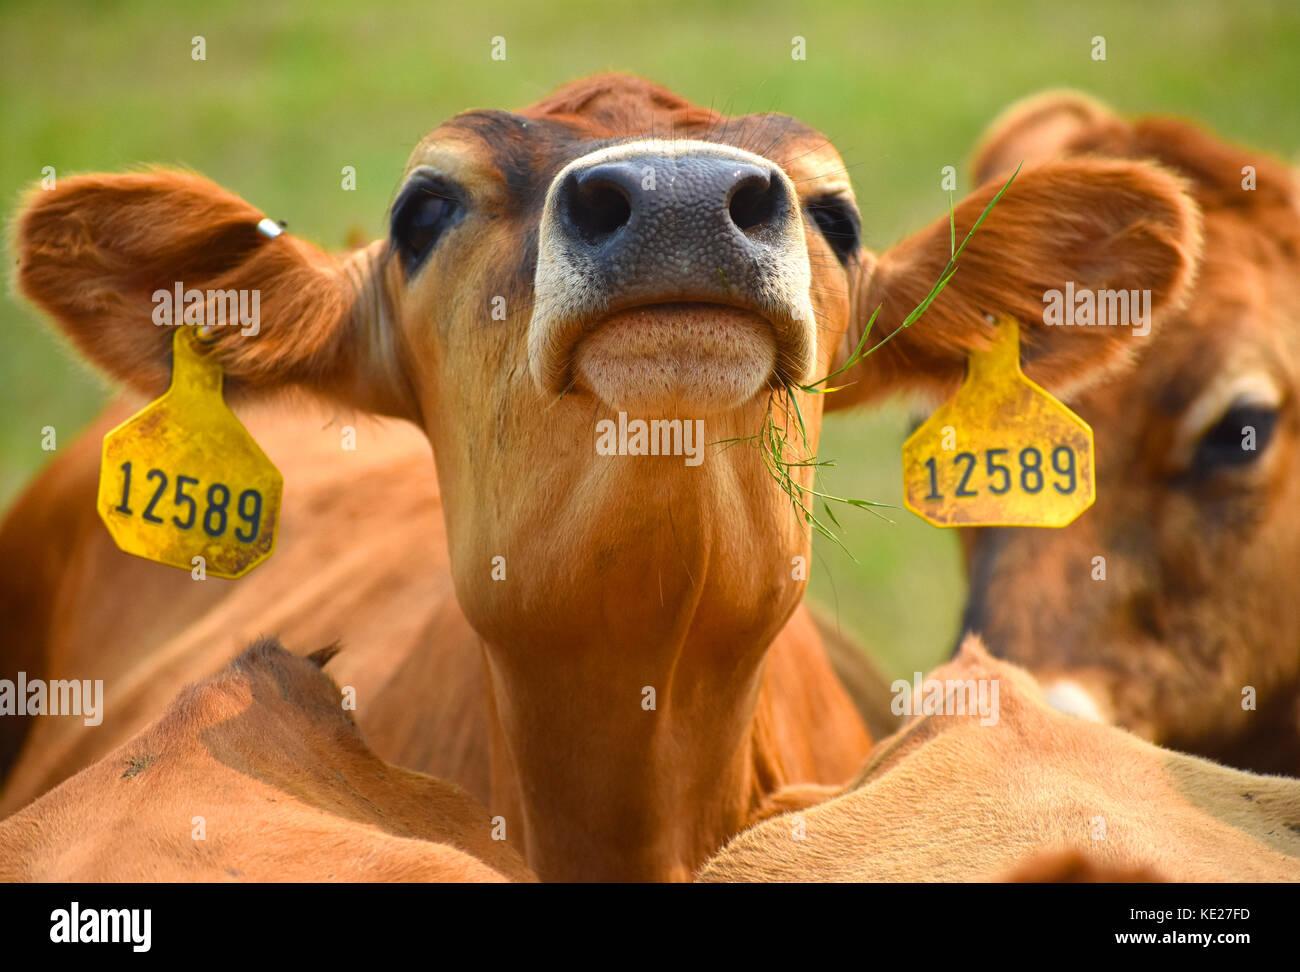 Kuh closeup mit Kennzeichnungen in den Ohren. Stockbild